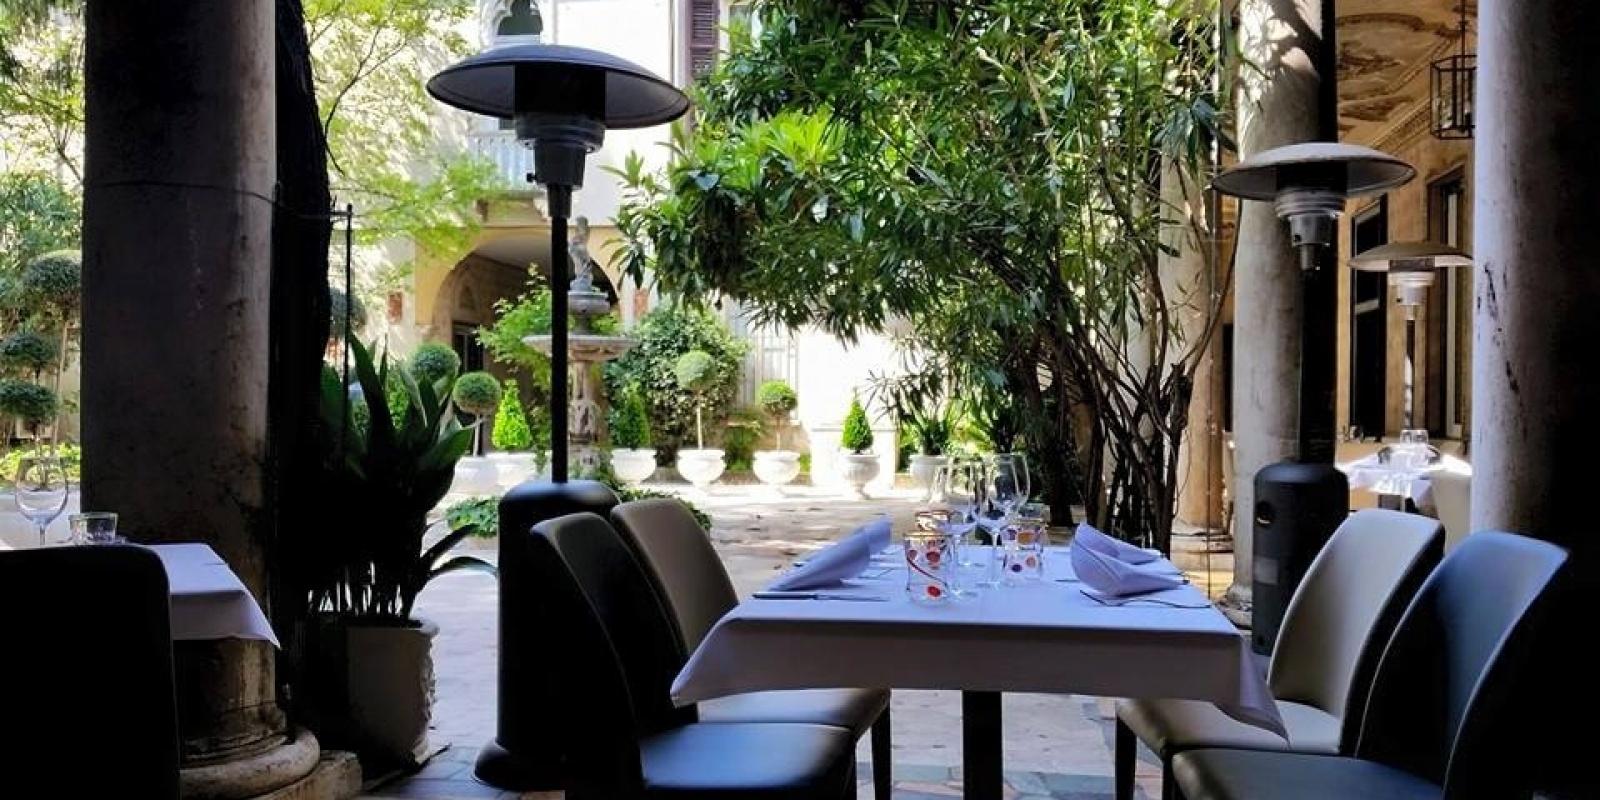 Classico è Arrivato Il Nuovo Menu #31529A 1600 800 Classico Cucina Brescia